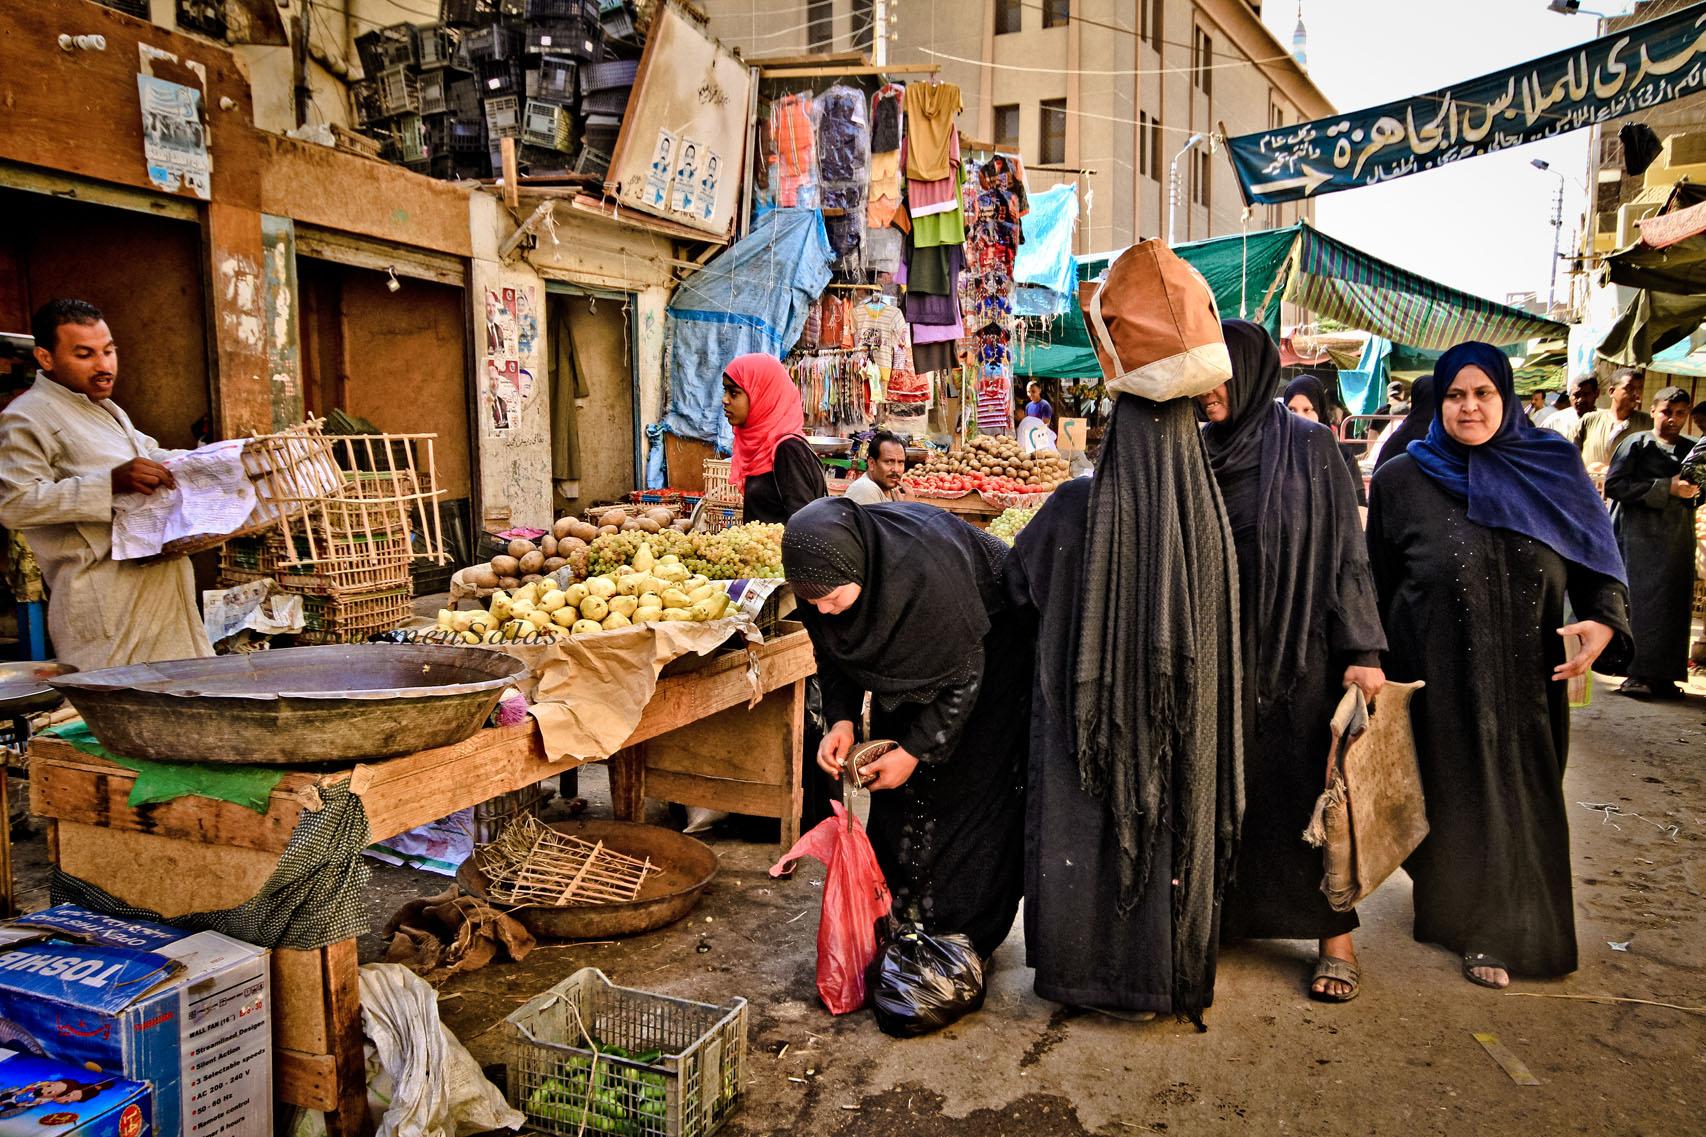 Mercado en Egipto